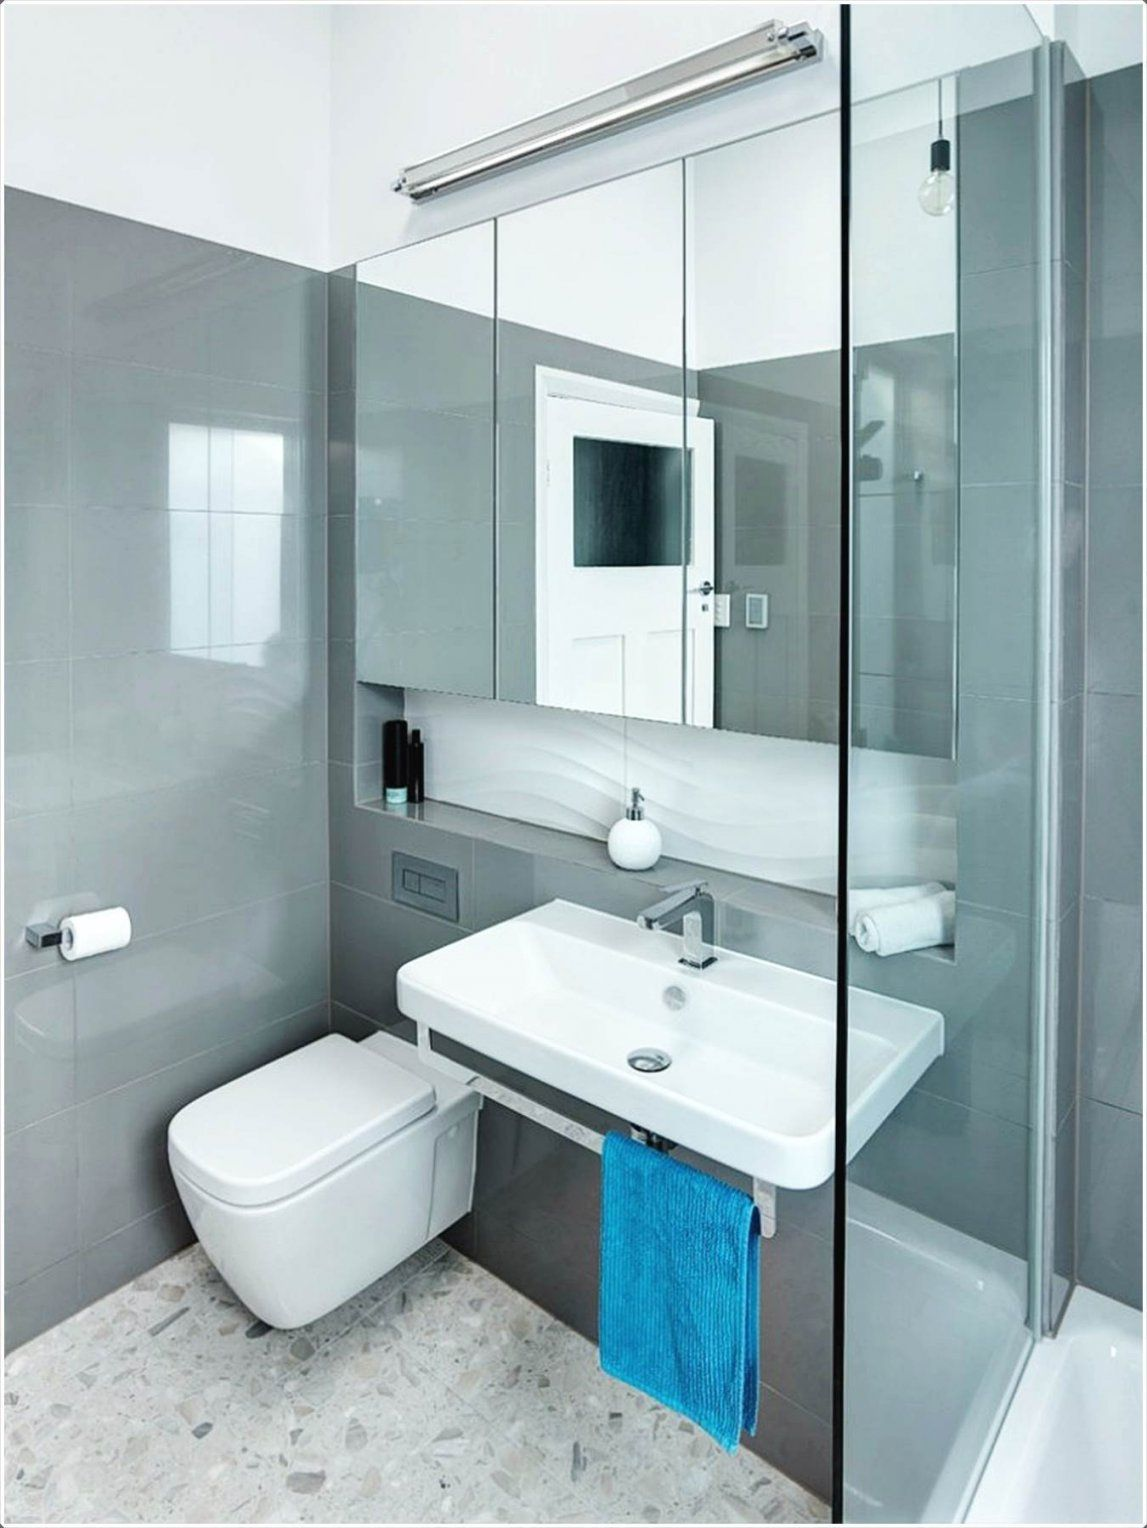 Spiegelschrank Für Kleines Bad  Ideen Für Zuhause von Spiegelschrank Für Kleines Bad Bild